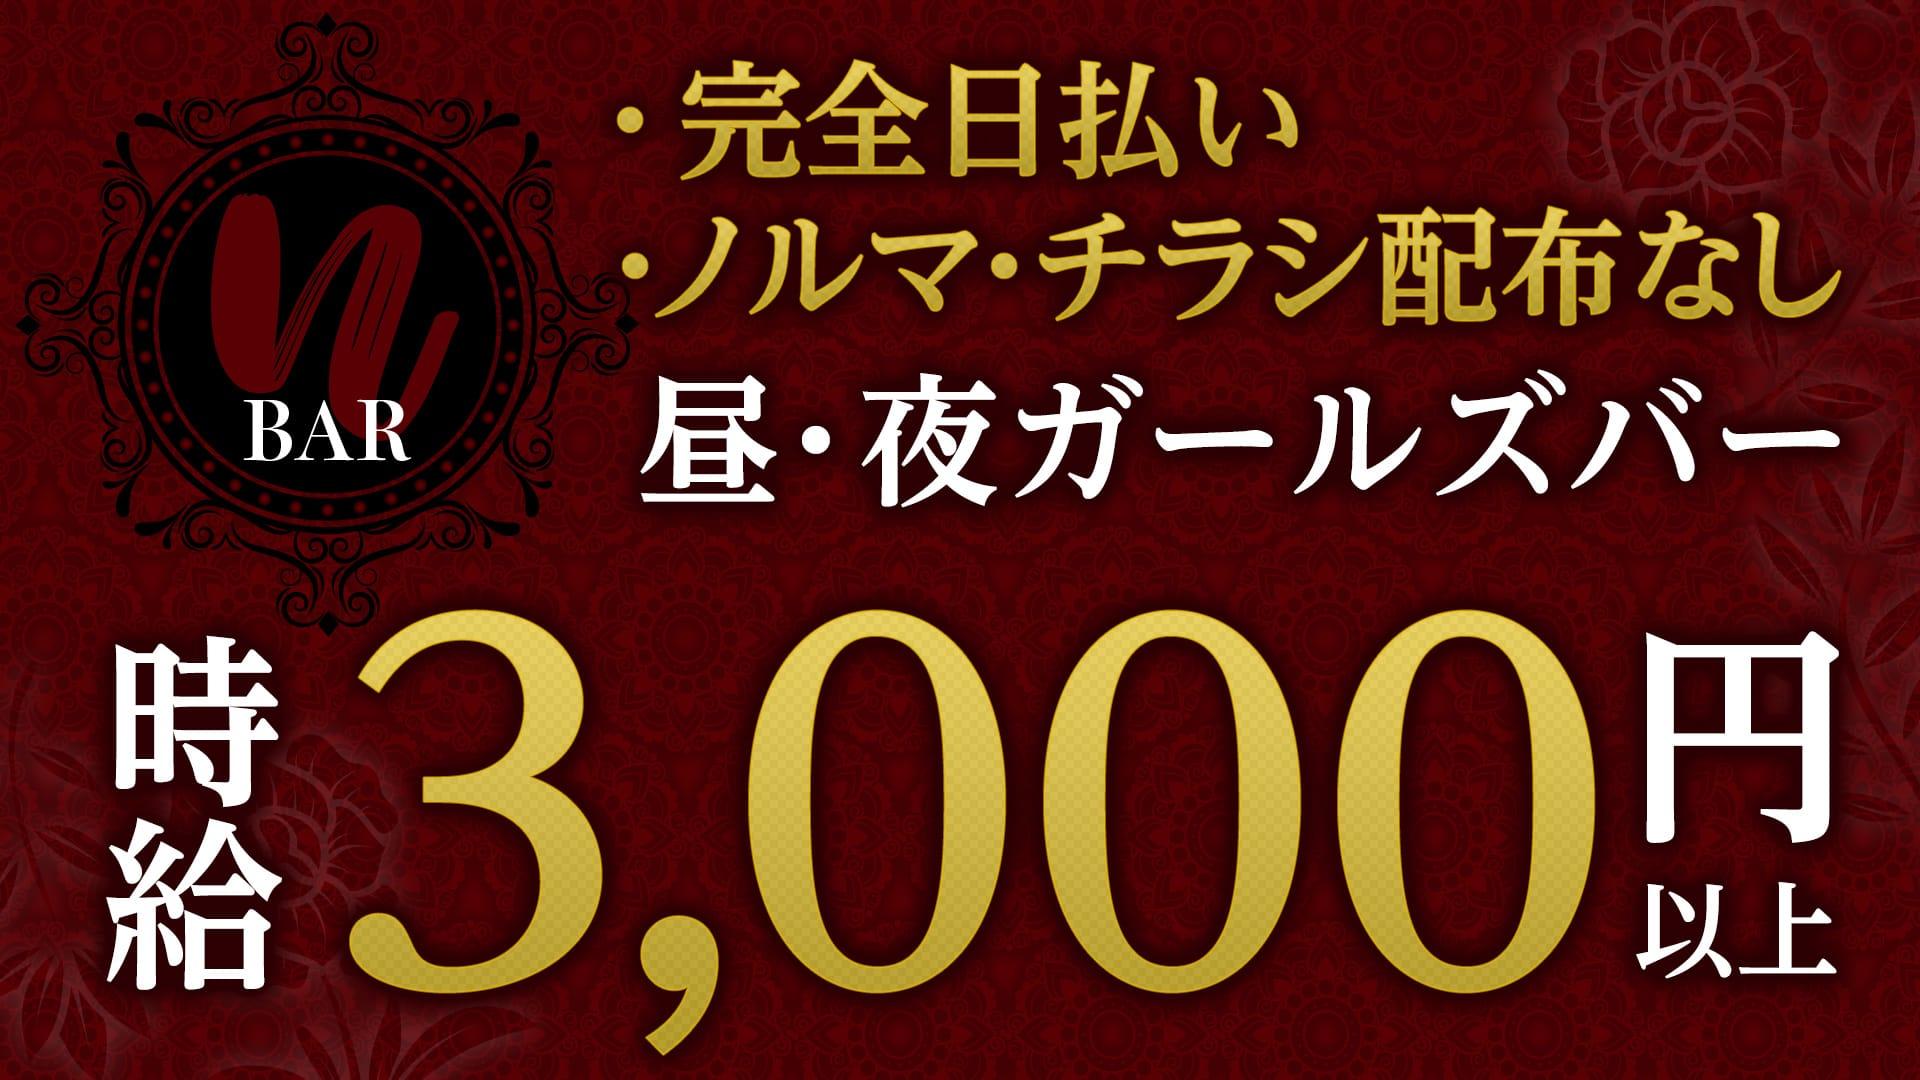 ガールズバーN 渋谷ガールズバー TOP画像